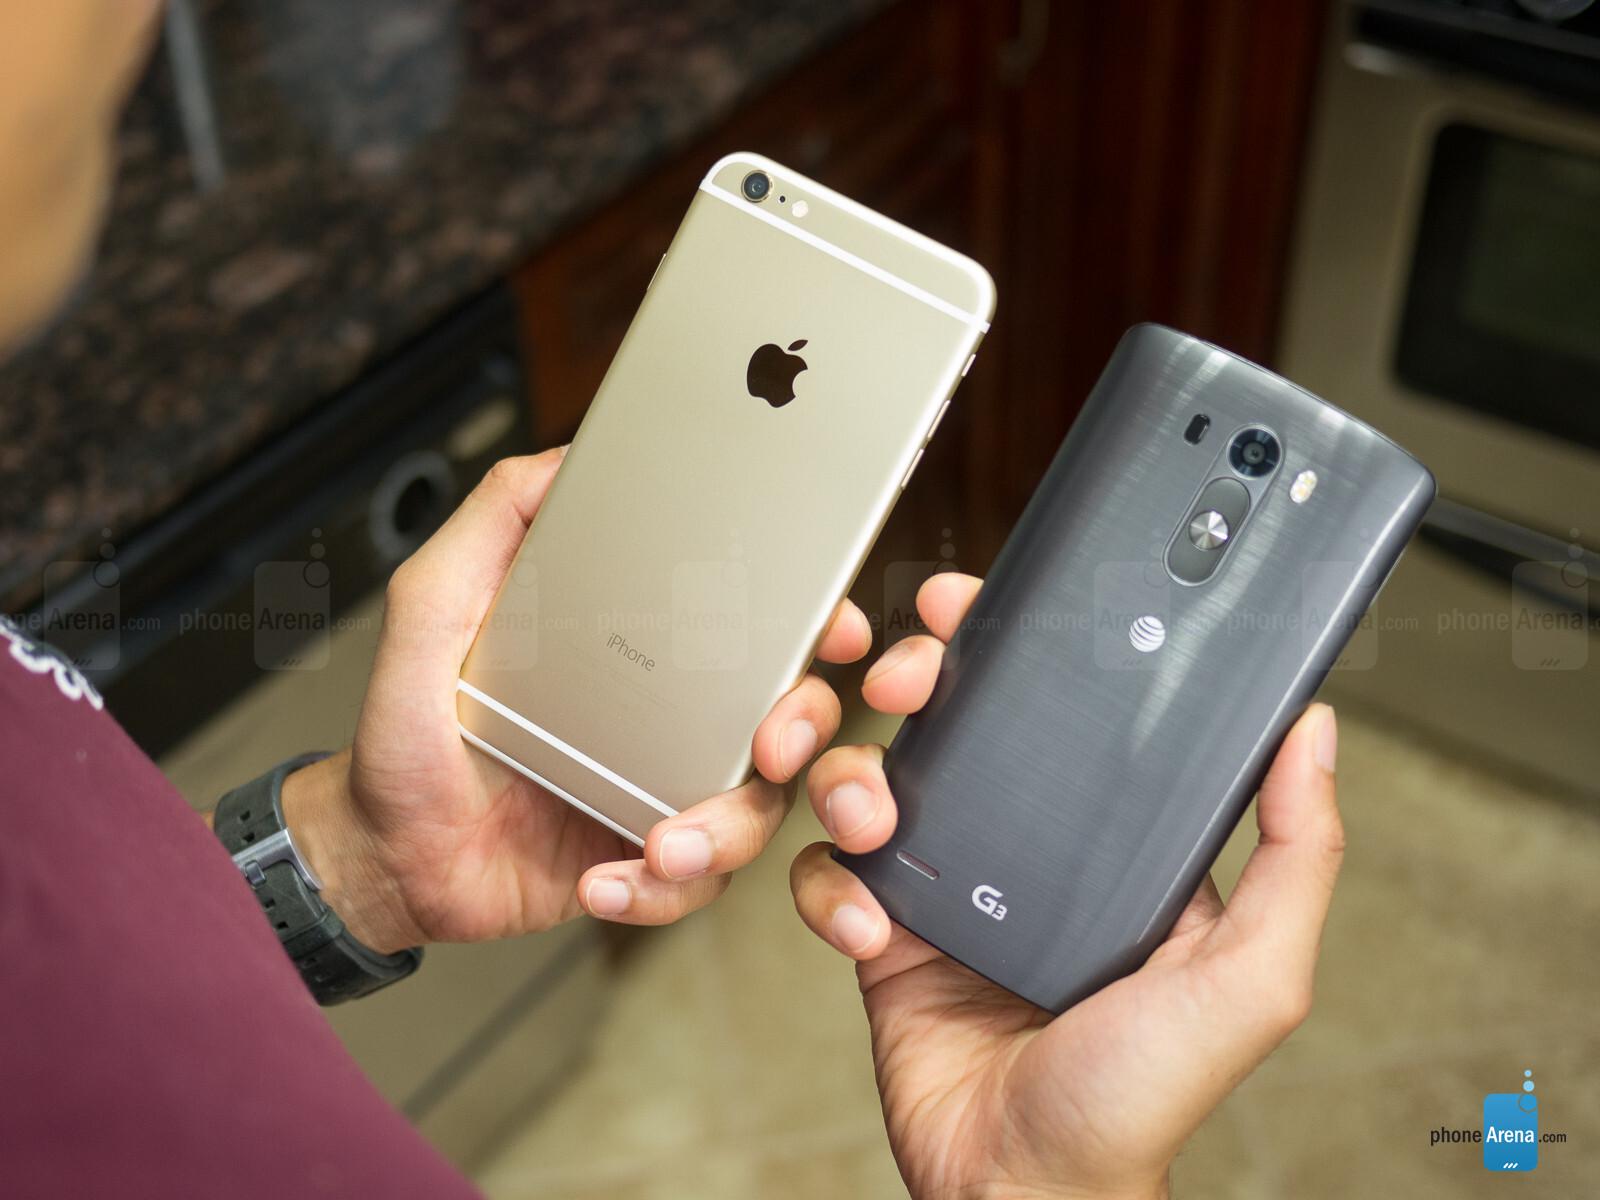 Iphone 1 2 3 4 5 6 Comparison